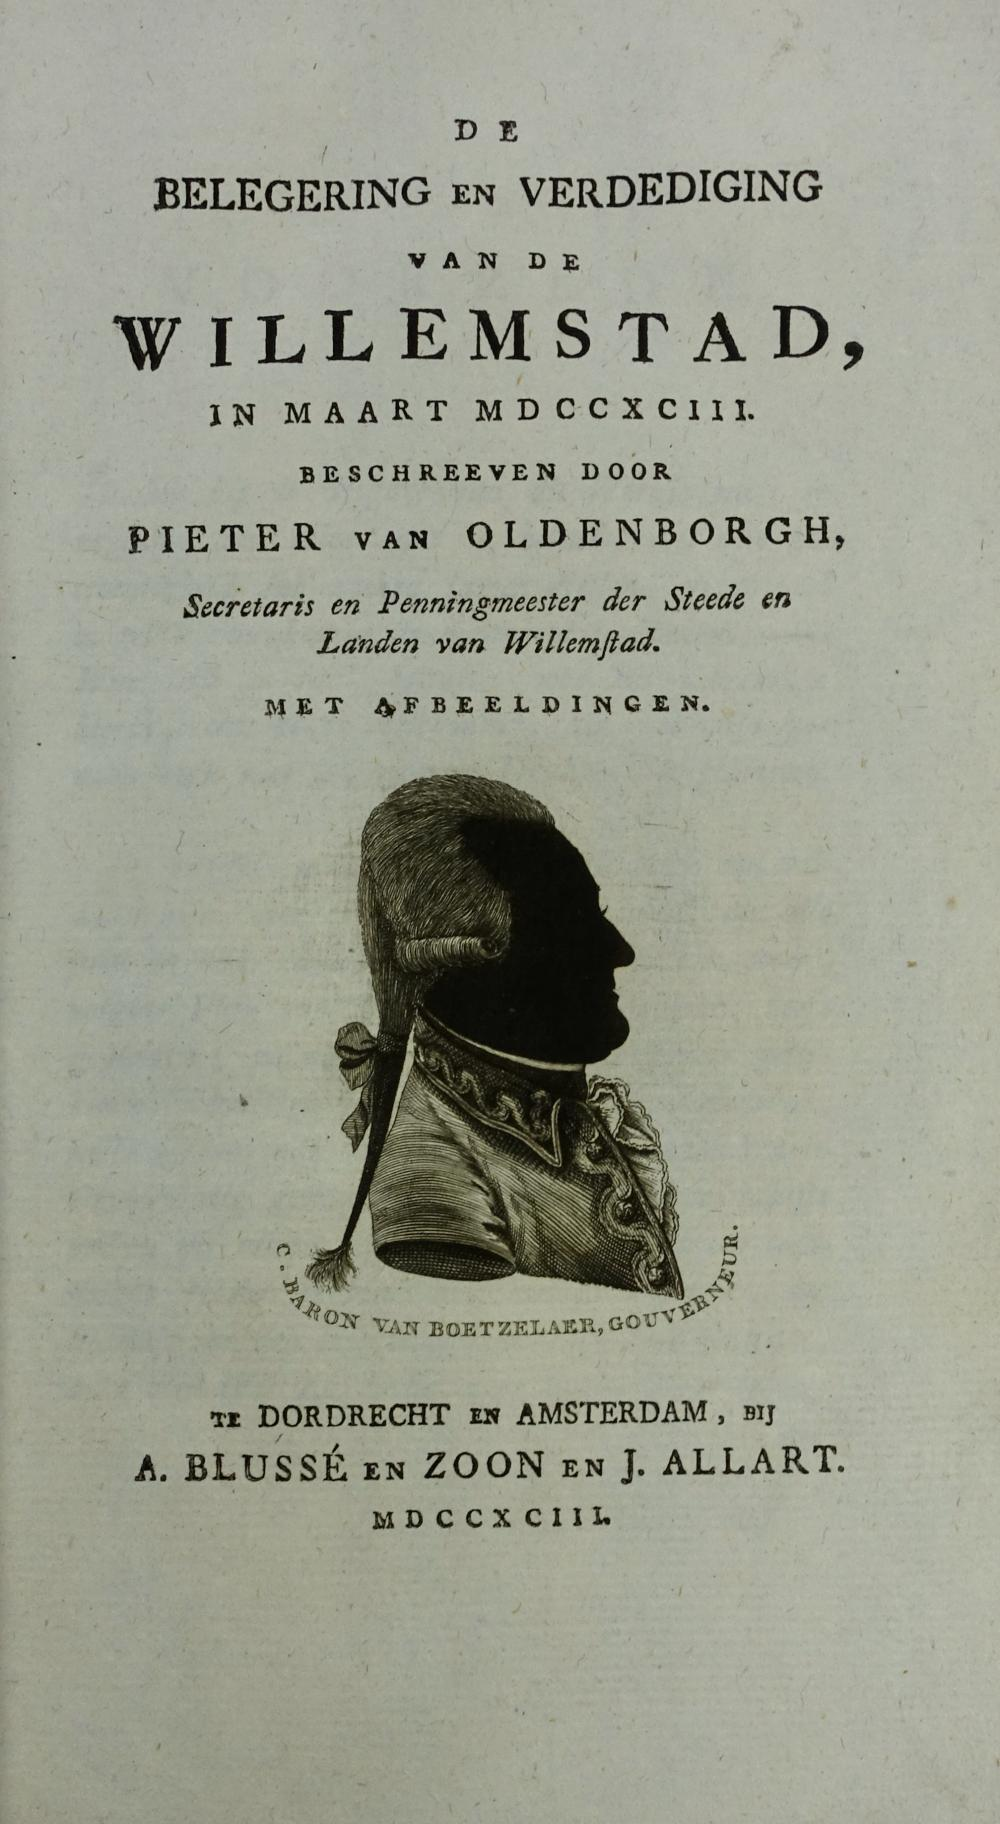 WILLEMSTAD -- OLDENBORGH, P. v. De belegering & verdediging v.d. Willemstad in maart 1793